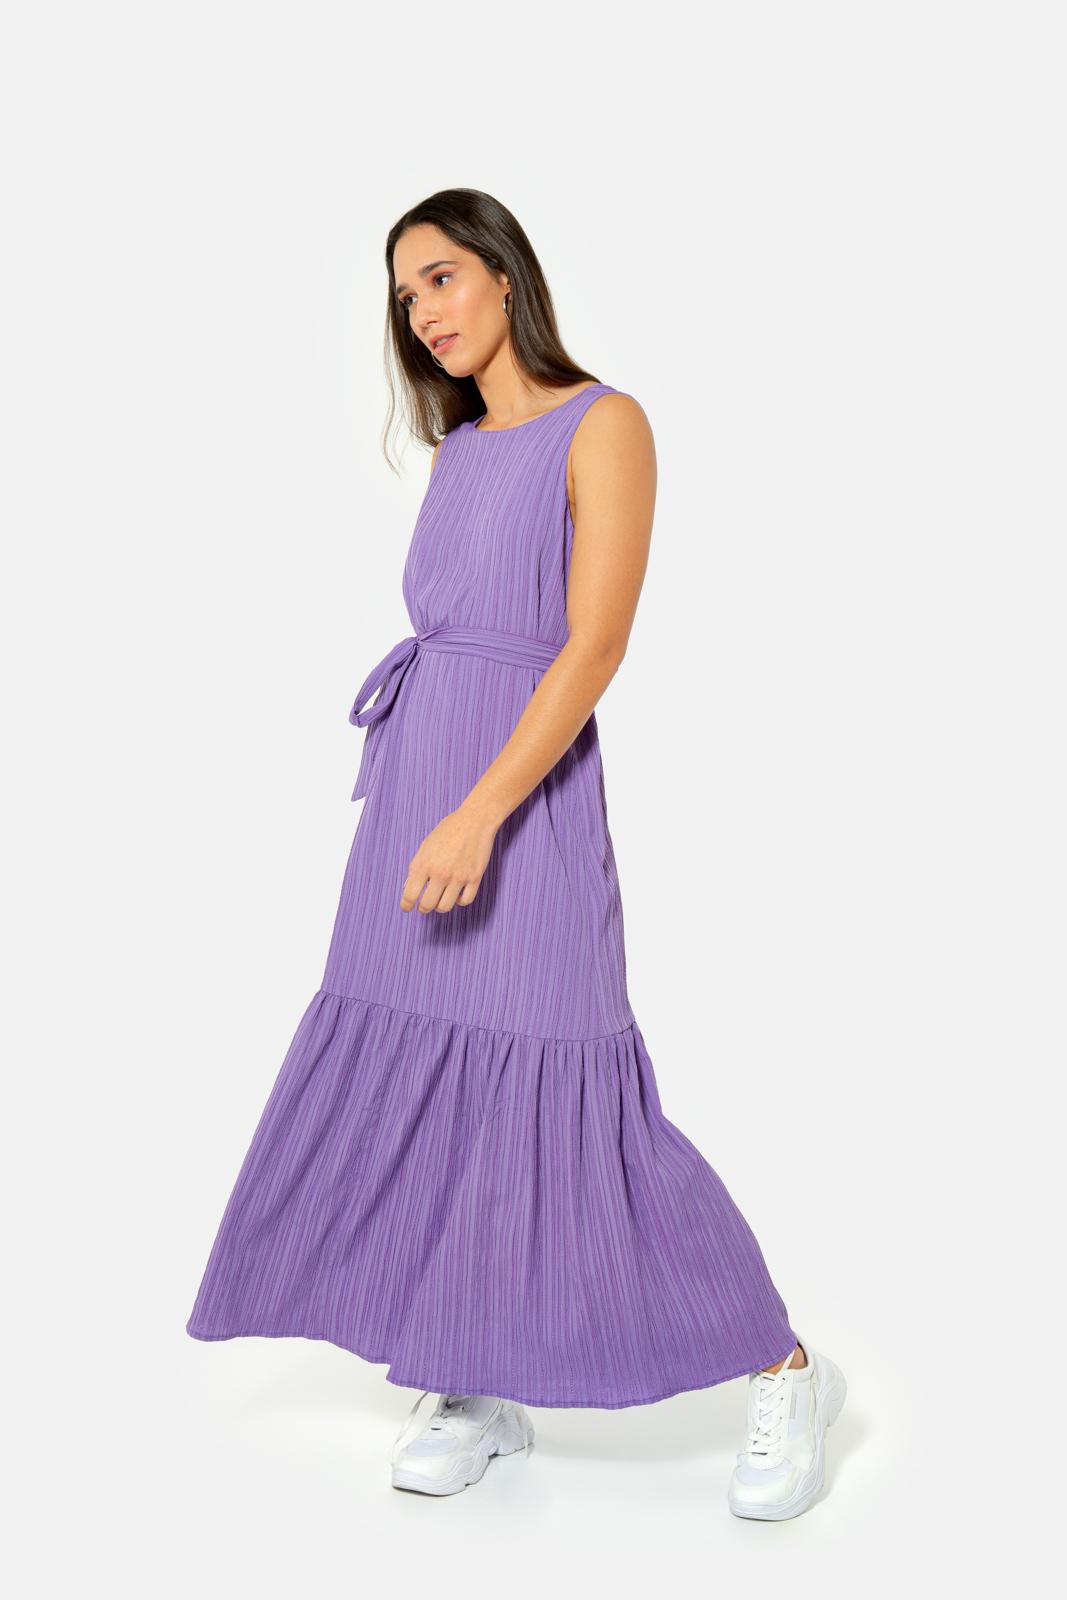 Vestido Serinah Máxi Lilás